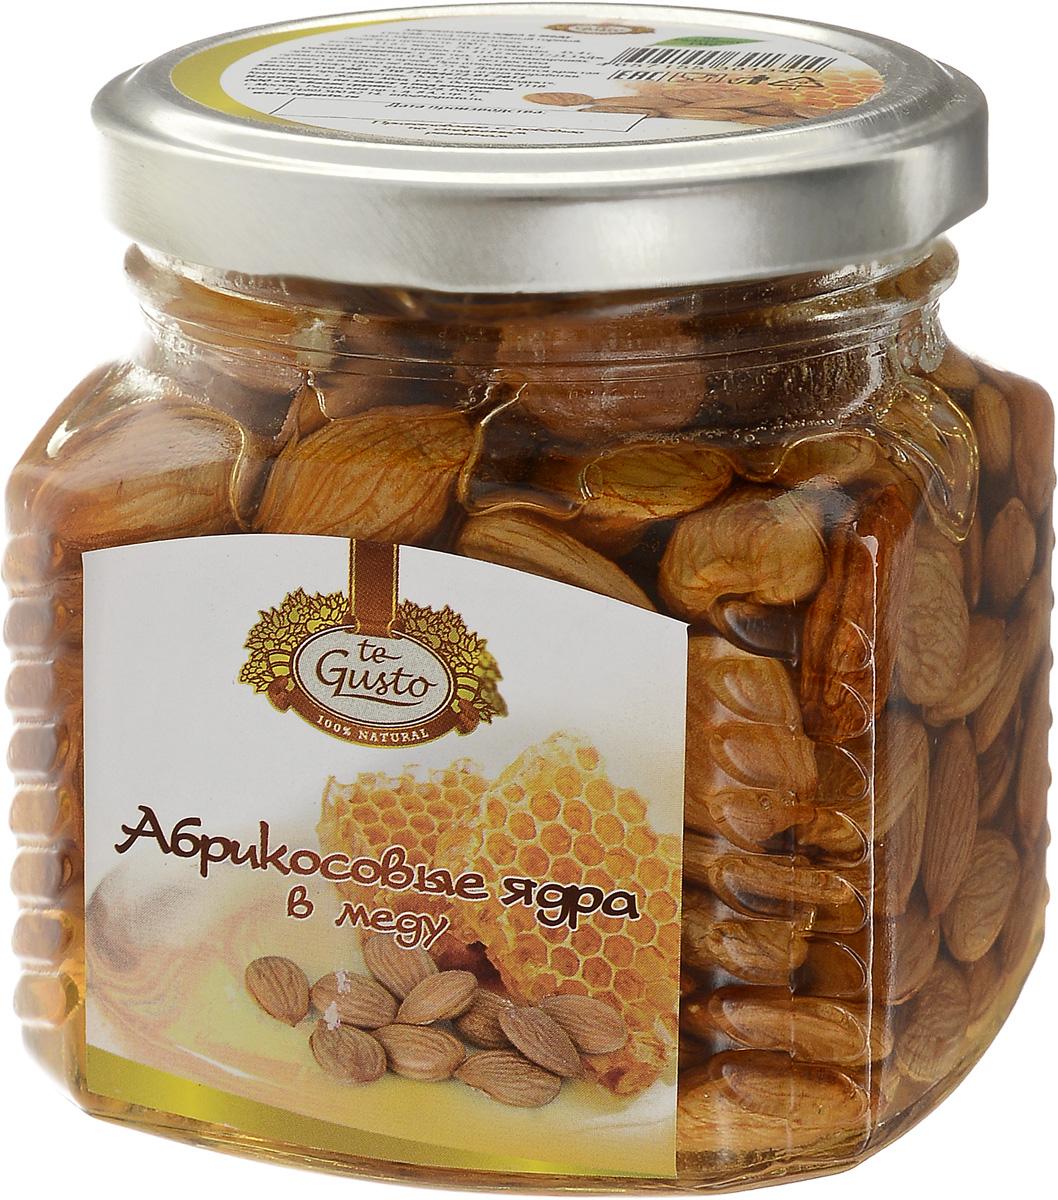 te Gusto Абрикосовые ядра в меду, 300 г te gusto грецкие орехи в меду 300 г